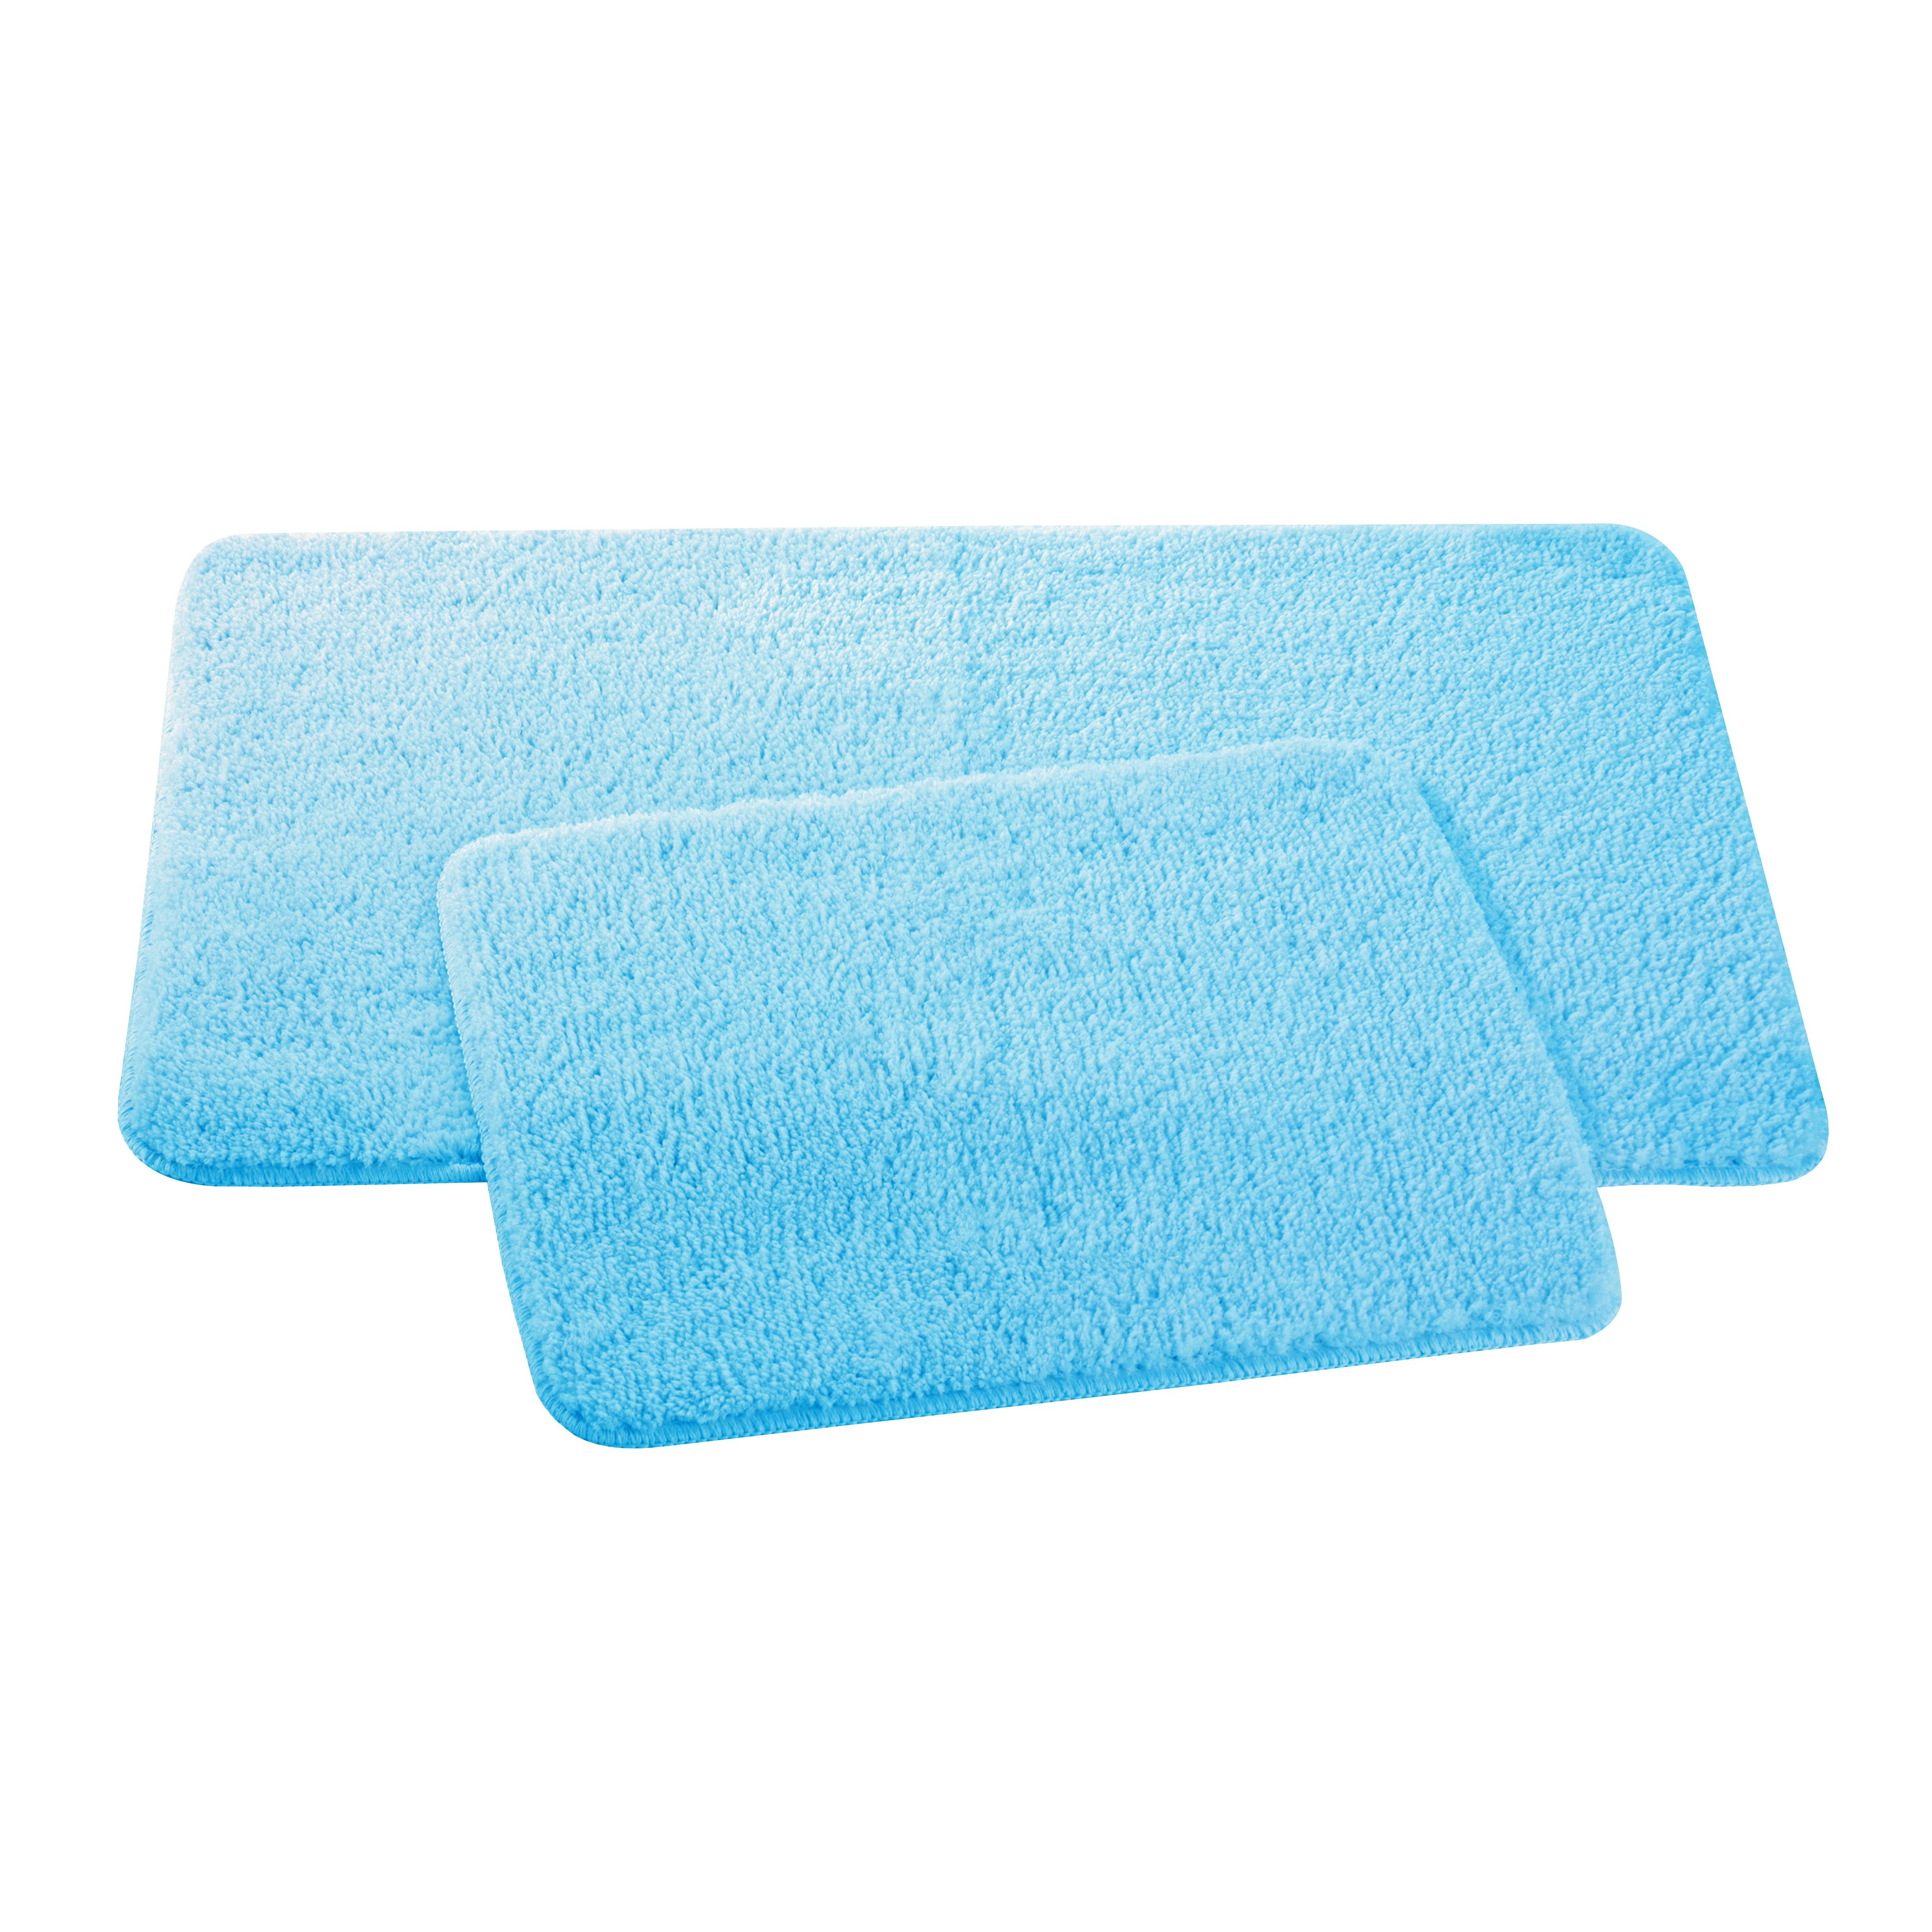 Набор ковриков для ванной и туалета Axentia, цвет: бирюзовый, 50 х 80 см, 50 х 40 см, 2 шт116137Набор из двух ковриков для ванной комнаты и туалета из микрофибры, 50х80 и 50х40 см. Высота ворса 1,5 см, стеганный. Противоскользящее основание изготовлено из термопластичной резины и подходит для полов с подогревом. Коврик мягкий и приятный на ощупь, отлично впитывает влагу и быстро сохнет. Можно стирать в стиральной машине. Высокая износостойкость коврика и стойкость цвета позволит вам наслаждаться покупкой долгие годы. Широкая гамма расцветок ковриков Axentia удовлетворит самый притязательный вкус.